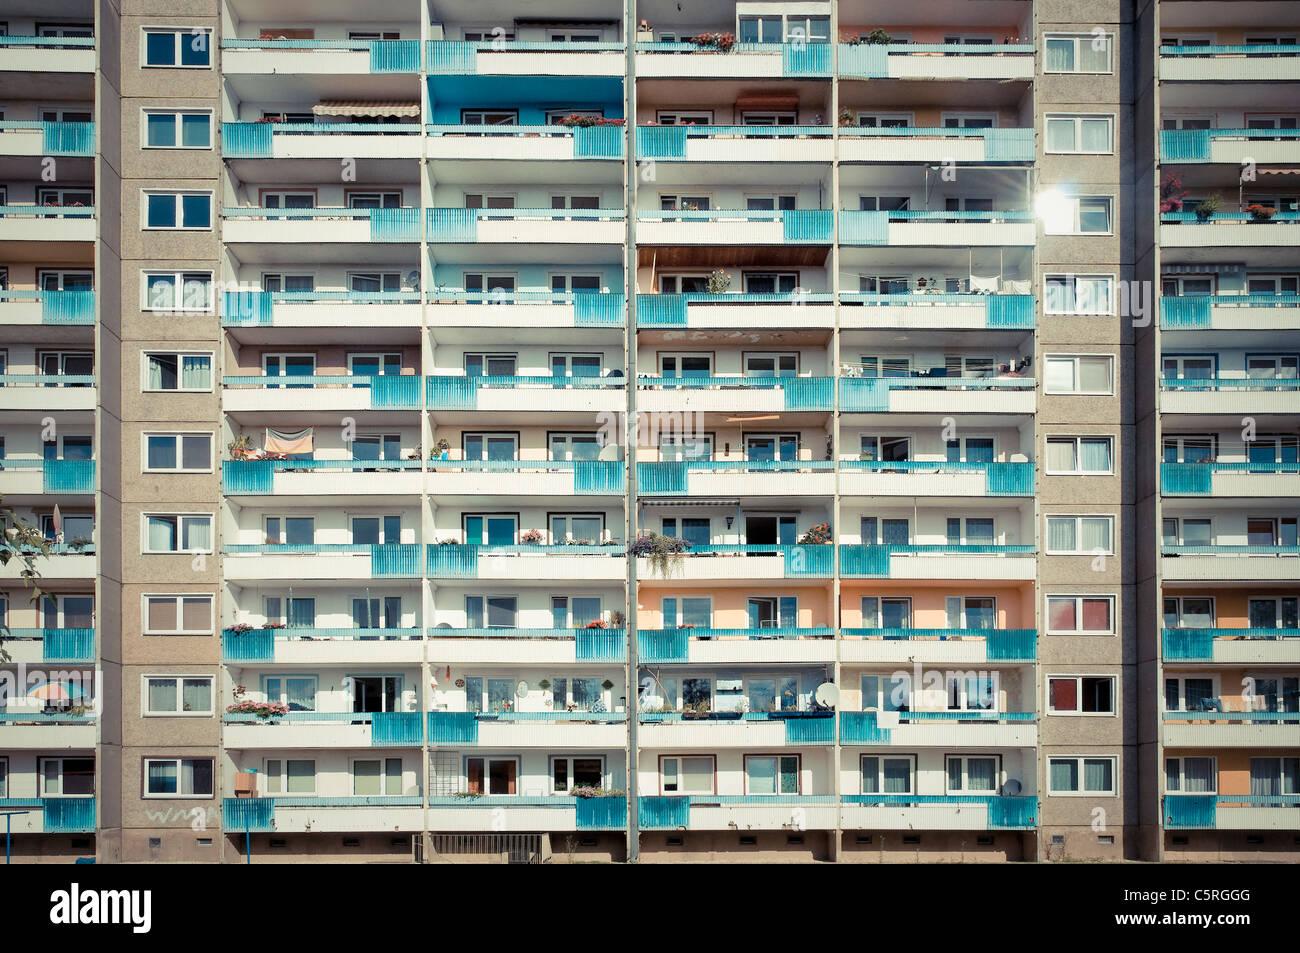 Fertighaus Wohnhaus im Retro-Stil der 70er und 80er Jahren, wohnen, Immobilien, sozialer Wohnungsbau, Symmetrie, Stockbild